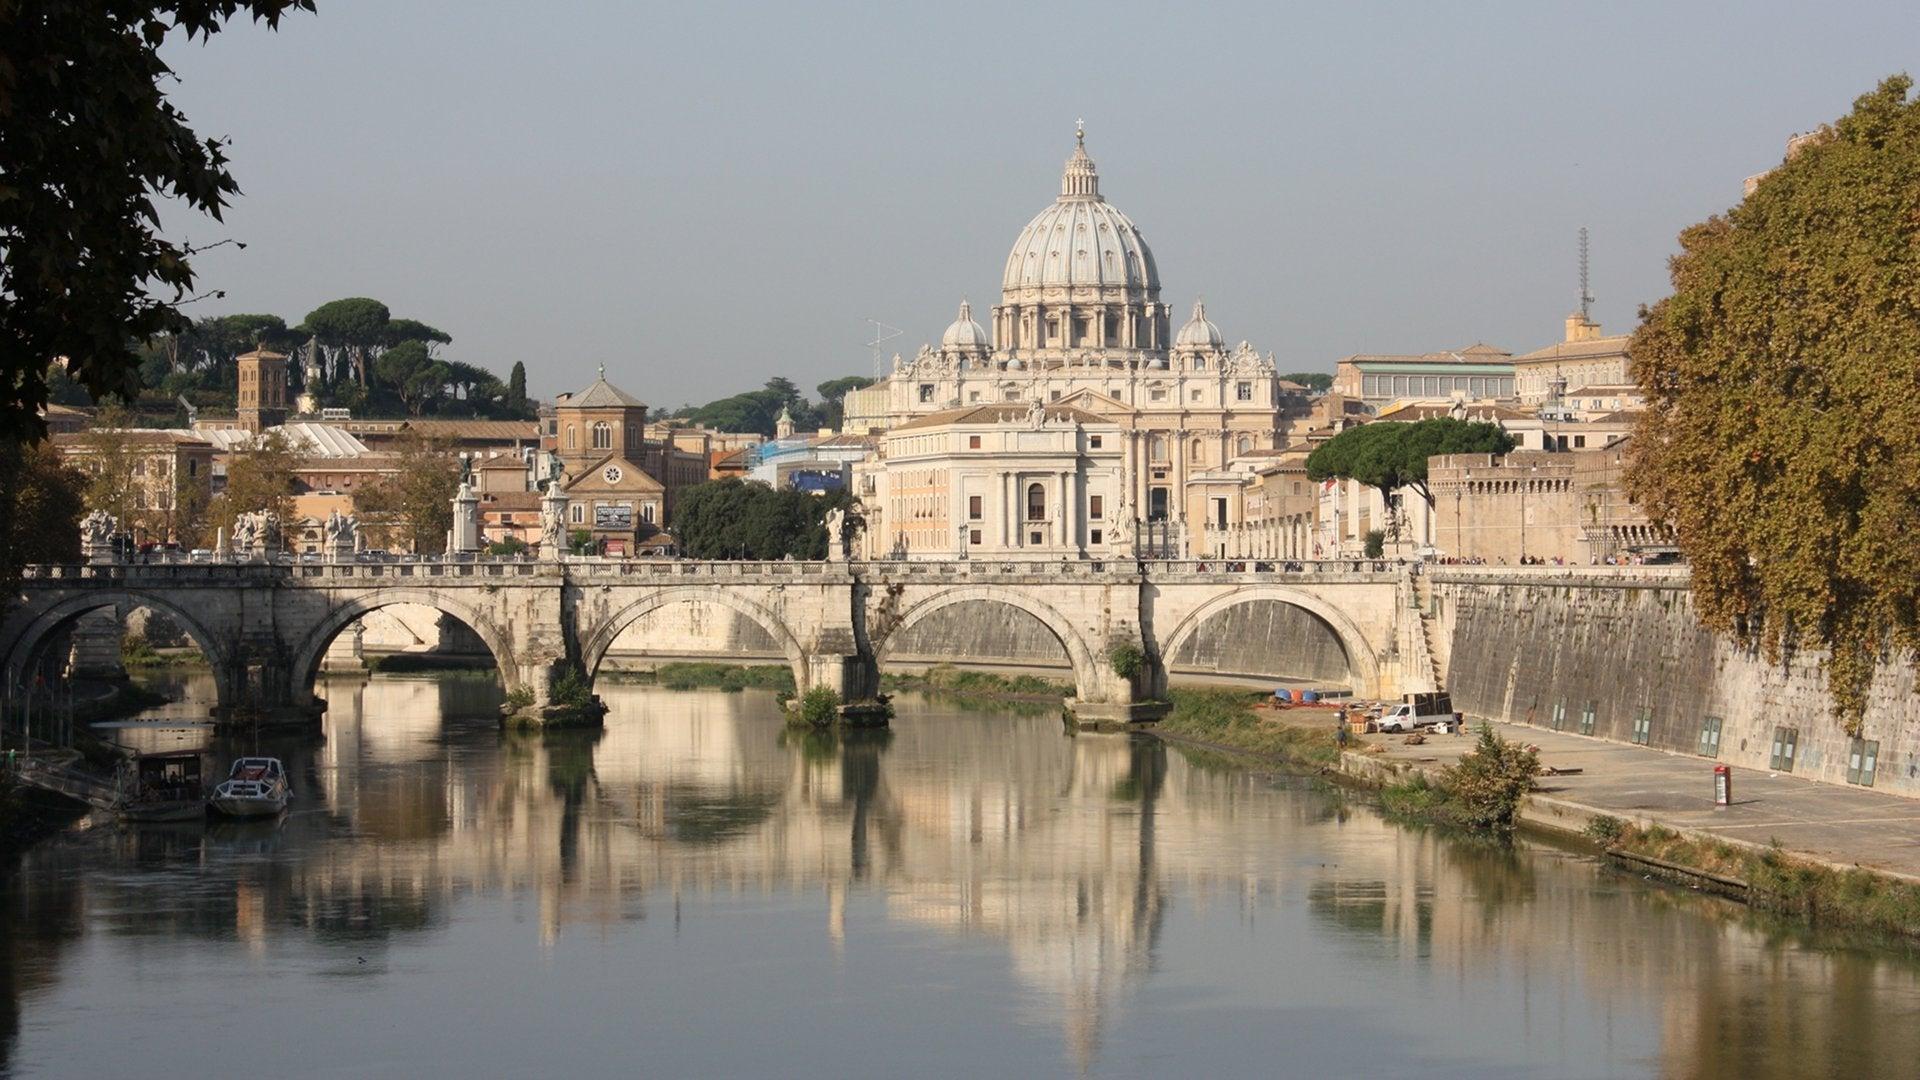 Legends of The Vatican